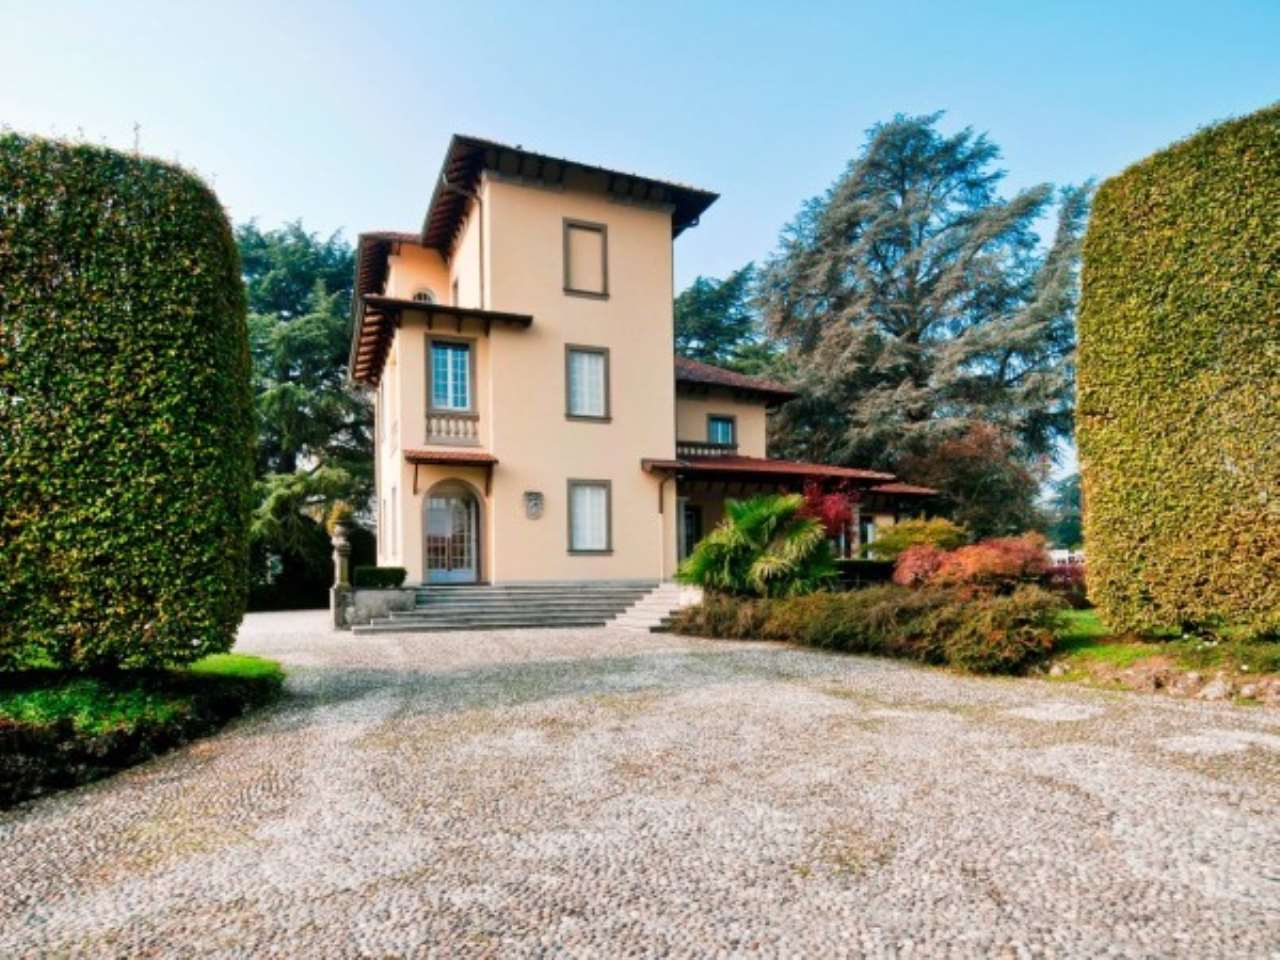 Villa in Vendita a Cernusco Lombardone: 5 locali, 670 mq